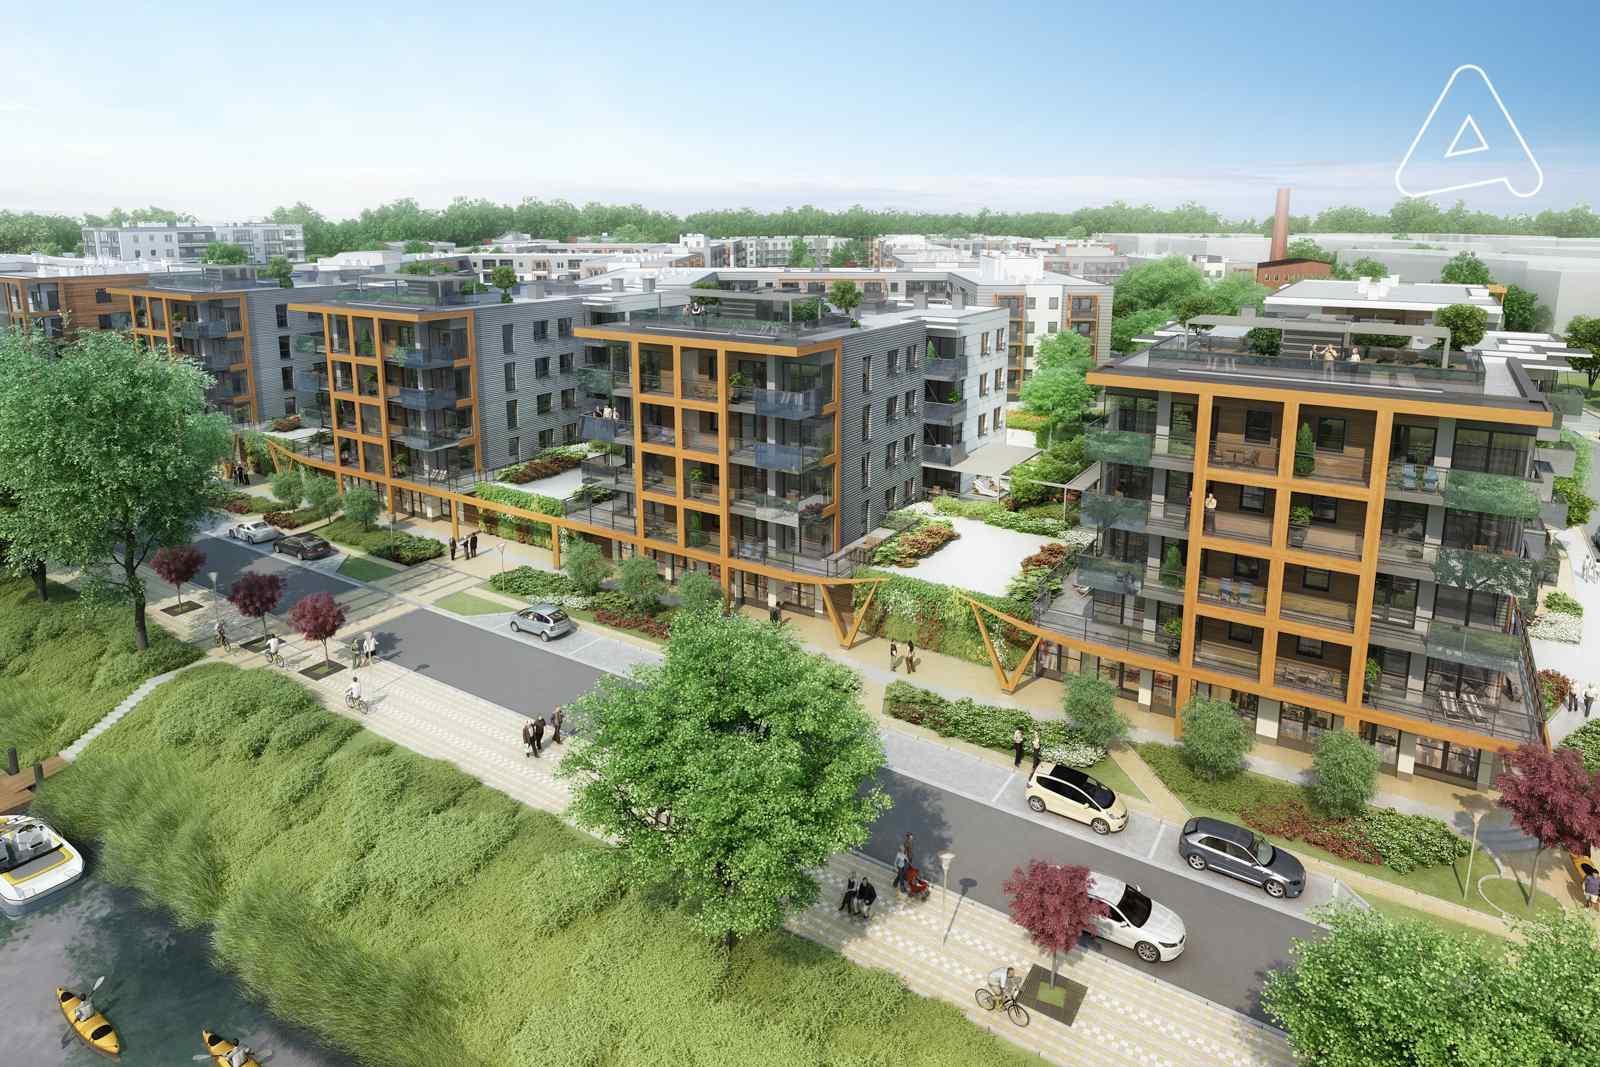 Nowe mieszkanie Wrocław 79.20m2, mieszkanie na sprzedaż